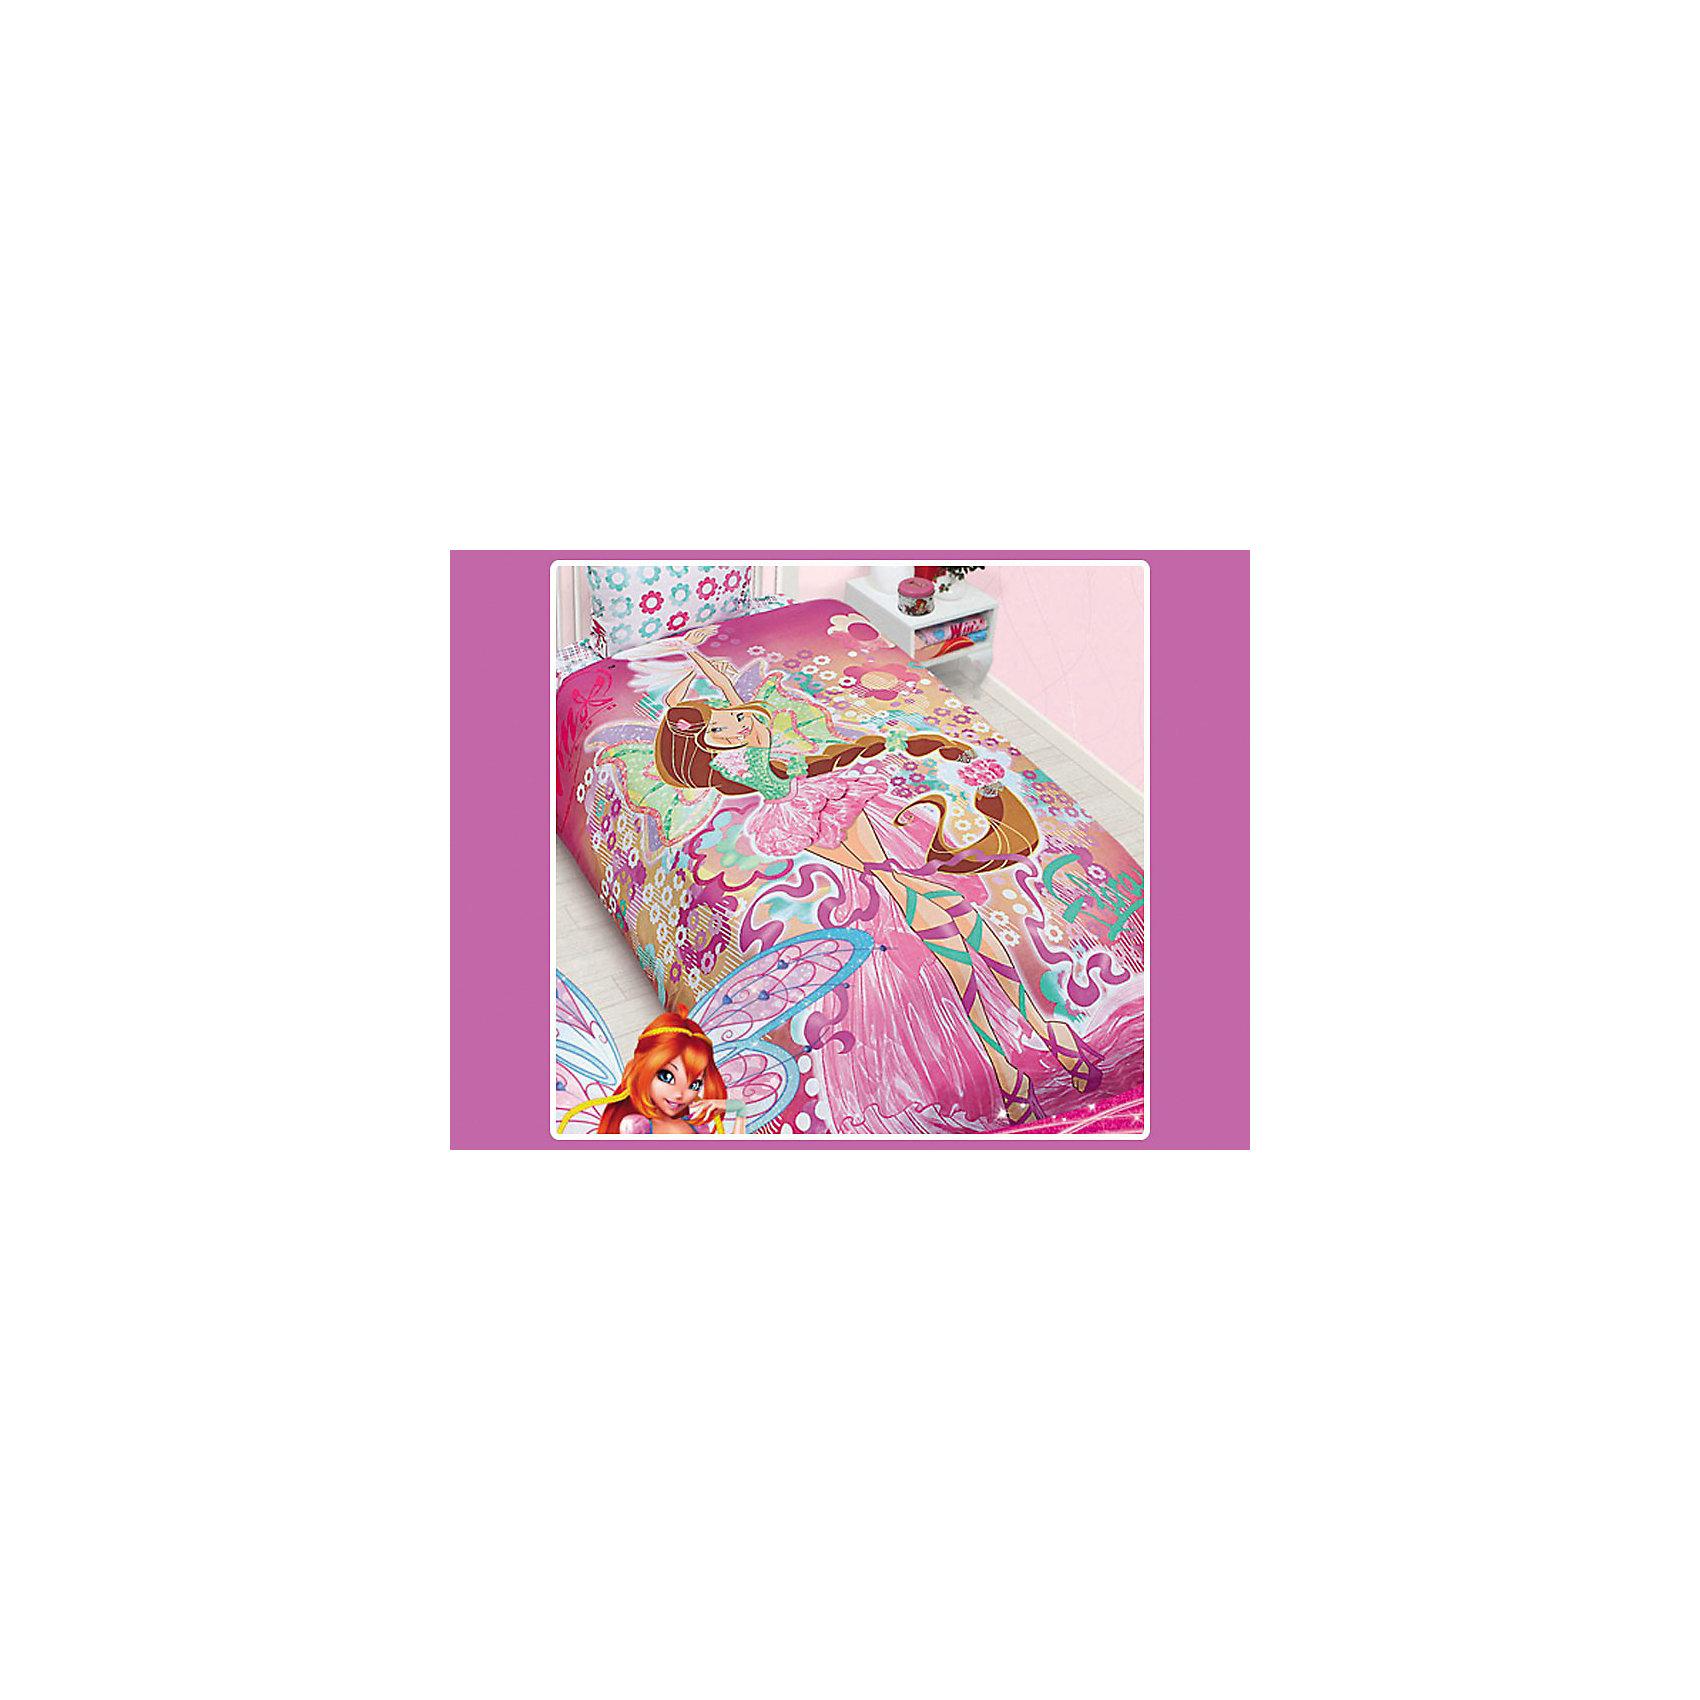 Комплект Флора 1,5-спальный, Winx ClubДетское постельное белье под брендом Winx club от Mona-Liza станет приятным сюрпризом для девочки и замечательным украшением ее спальни. Комплект полутораспального белья оформлен по мотивам известного итальянского мультсериала Winx club о приключениях команды девушек-фей, борющихся со злом. Белье украшено изображением одной из героинь Winx club феи Флоры - любительницы растений и природы, в окружении цветов.<br><br>Дополнительная информация:<br><br>-Размер комплекта: 1,5-спальный<br>-Тип ткани: Бязь (100% хлопок).<br>-В комплекте: 1 наволочка, 1 пододеяльник и 1 простыня.<br>-Размер пододеяльника: 145*210 см.<br>-Размер наволочки: 50*70 см.<br>-Размер простыни: 150*215 см.<br>-Основной цвет: розовый.<br>-Серия: Winx (Винкс) - Школа Волшебниц<br><br>Комплект постельного белья Winx Club (Flora 2013) марки Мона-Лиза можно приобрести в нашем интернет-магазине.<br><br>Ширина мм: 310<br>Глубина мм: 250<br>Высота мм: 70<br>Вес г: 1000<br>Возраст от месяцев: 0<br>Возраст до месяцев: 180<br>Пол: Женский<br>Возраст: Детский<br>SKU: 3432695